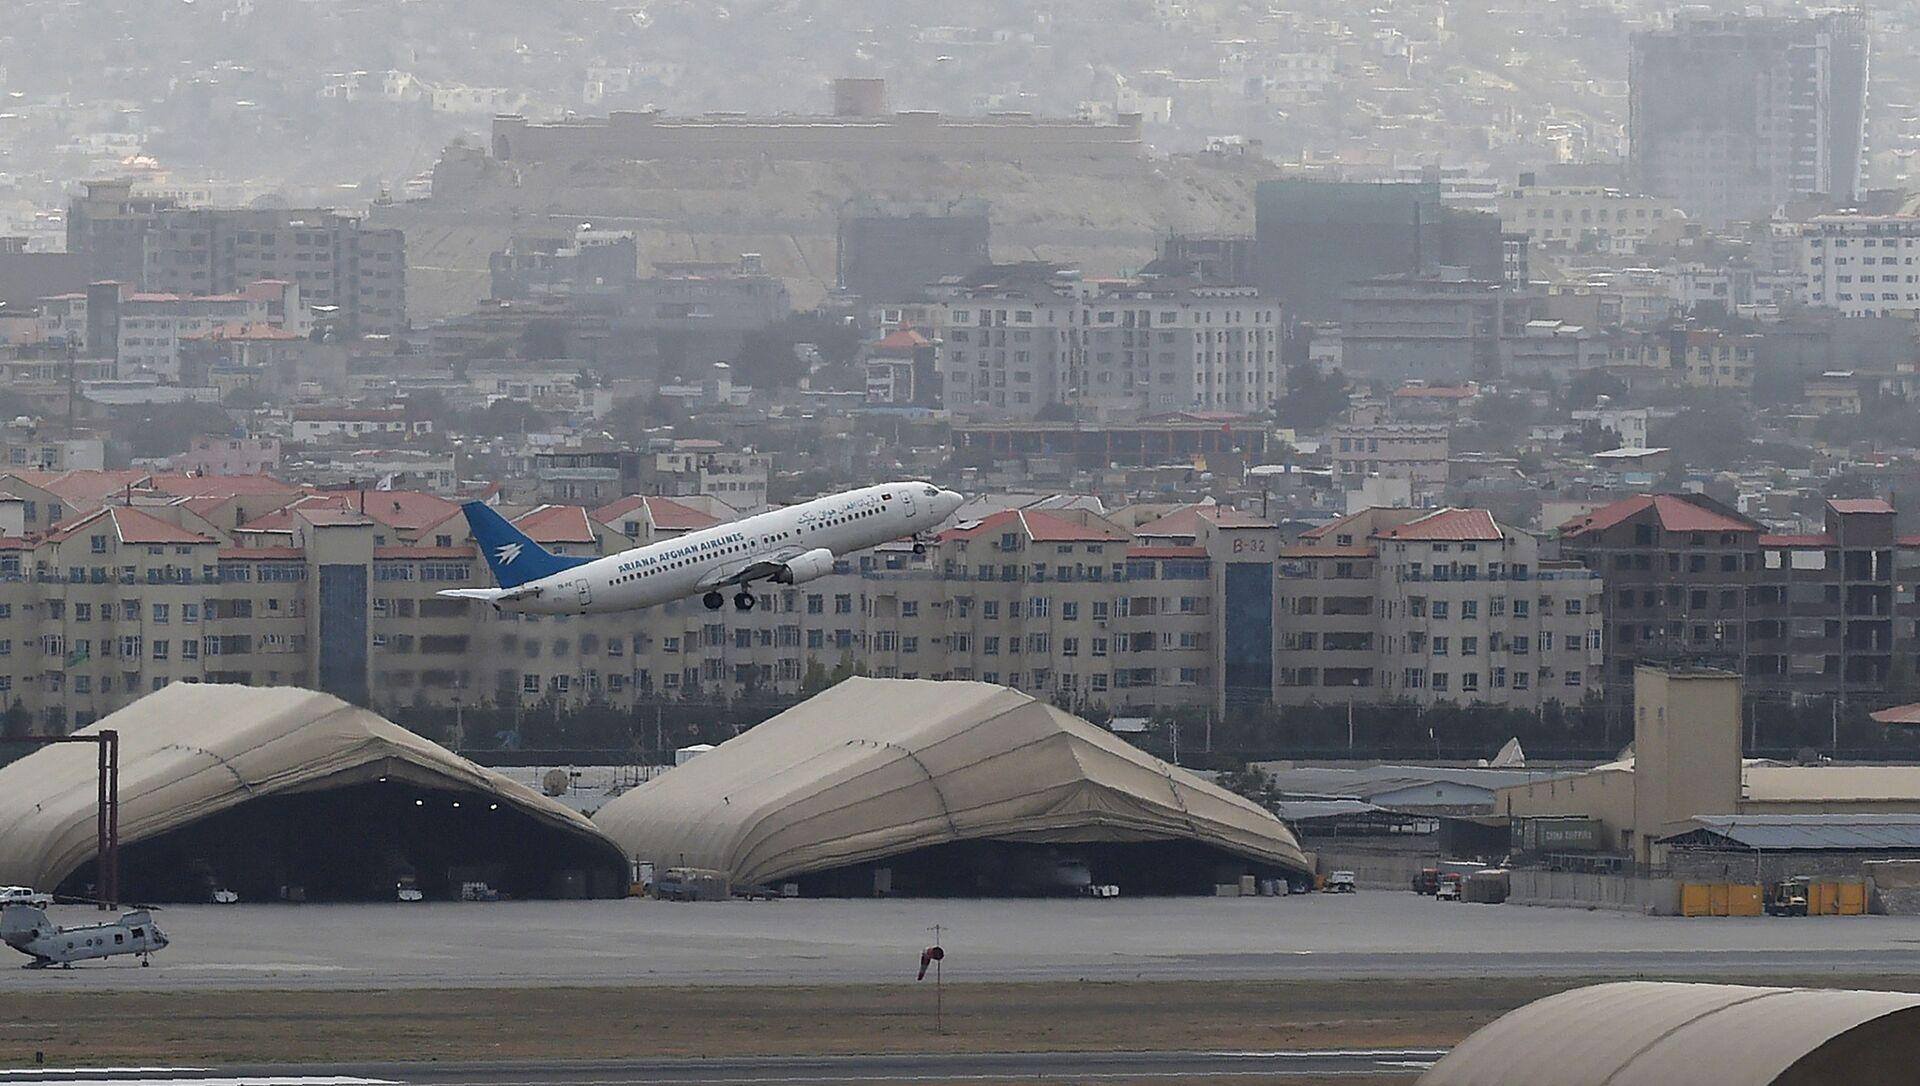 Aéroport de Kaboul, le 14 août 2021 - Sputnik France, 1920, 16.09.2021